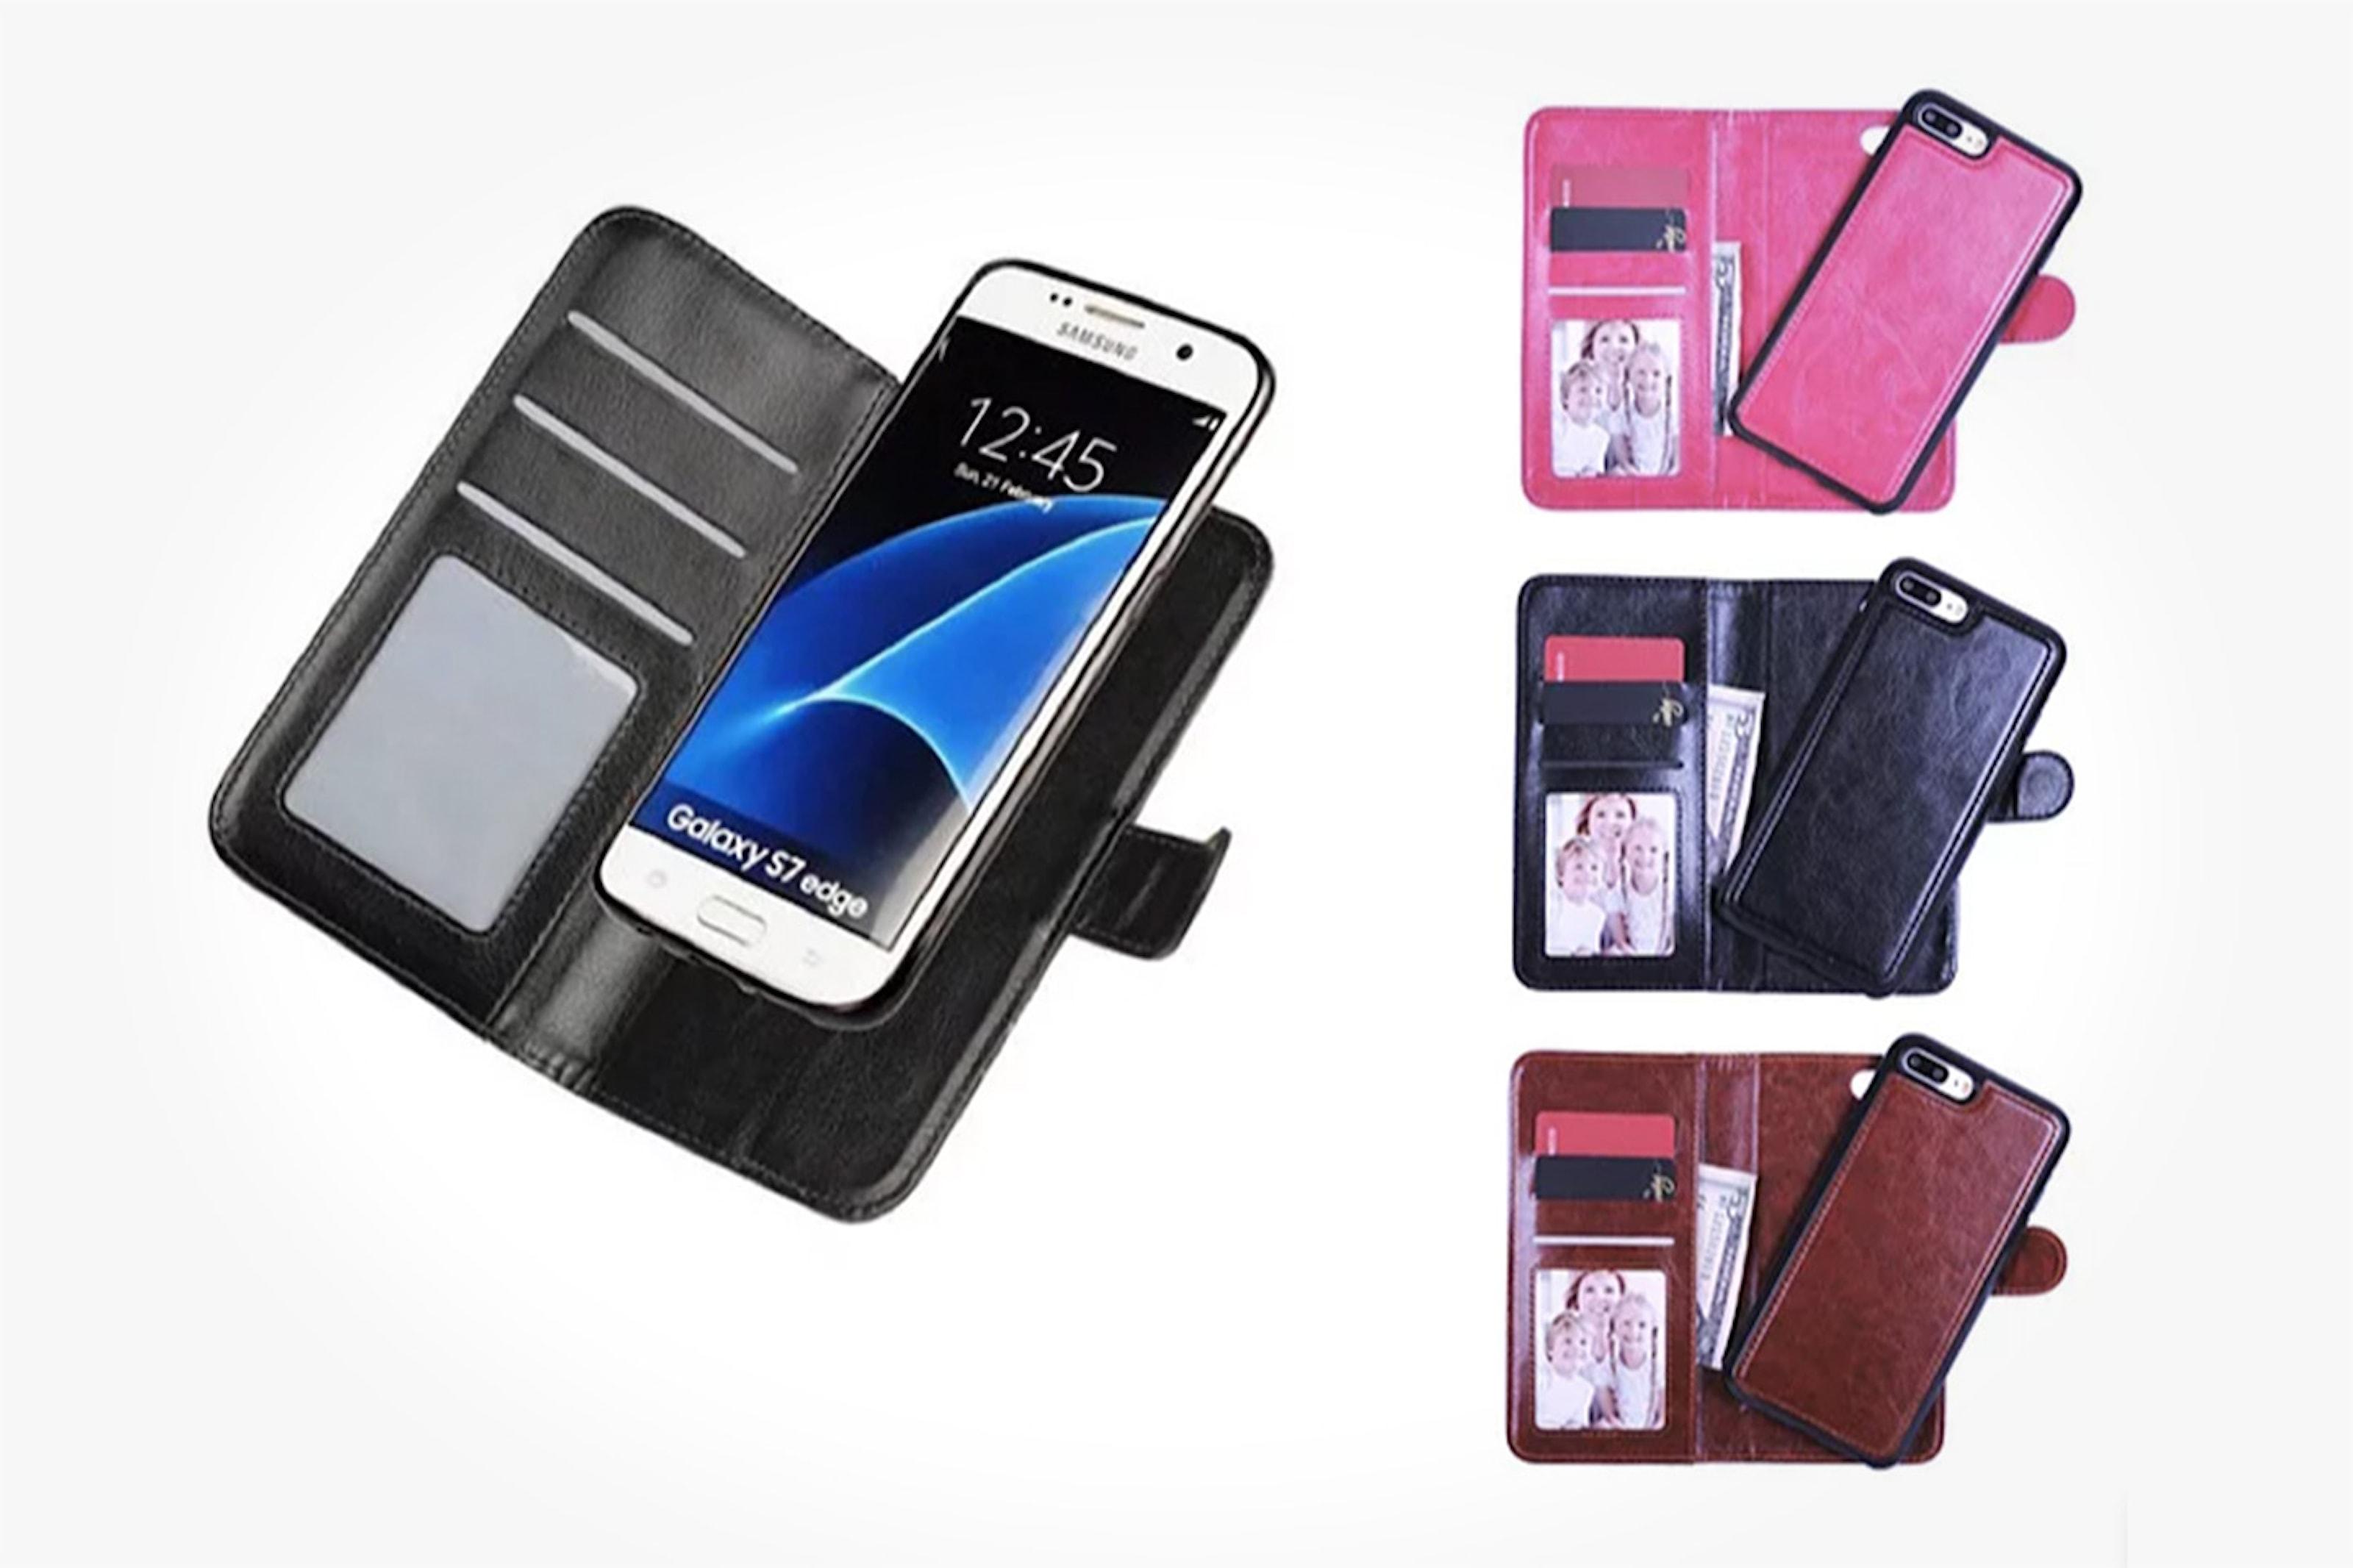 Magnetiskt plånboksfodral för mobilen